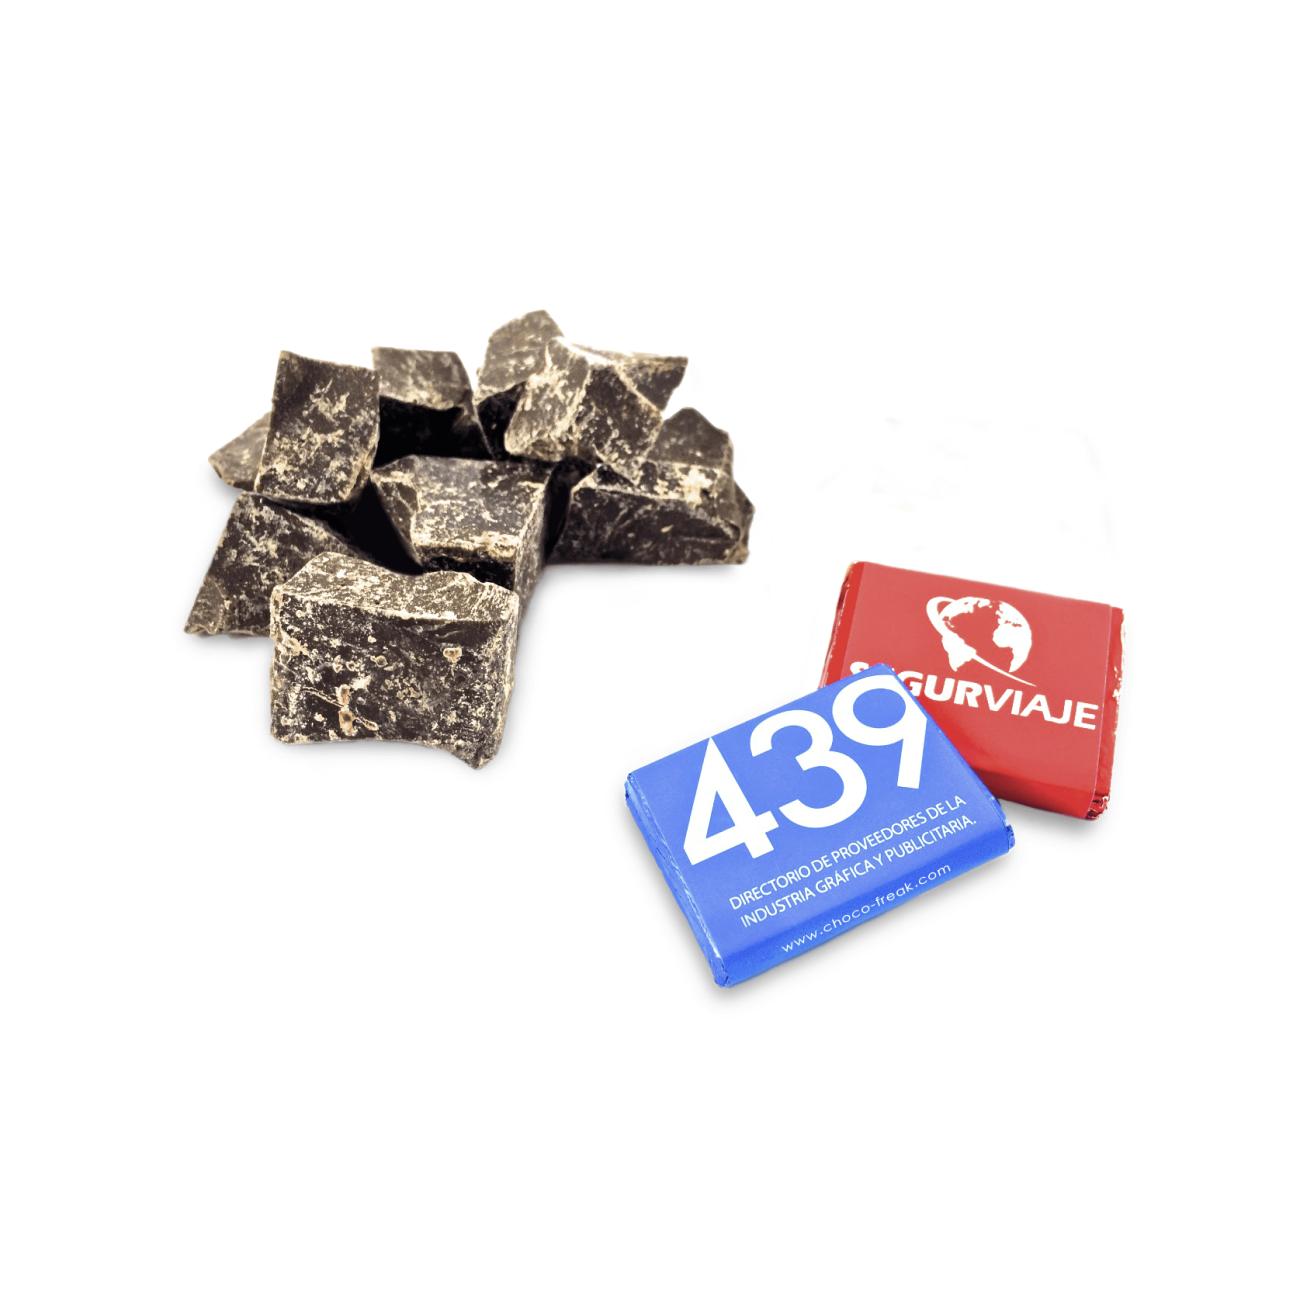 Chocolates personalizados, promocionales Quito, Guayaquil, Cuenca y Ecuador